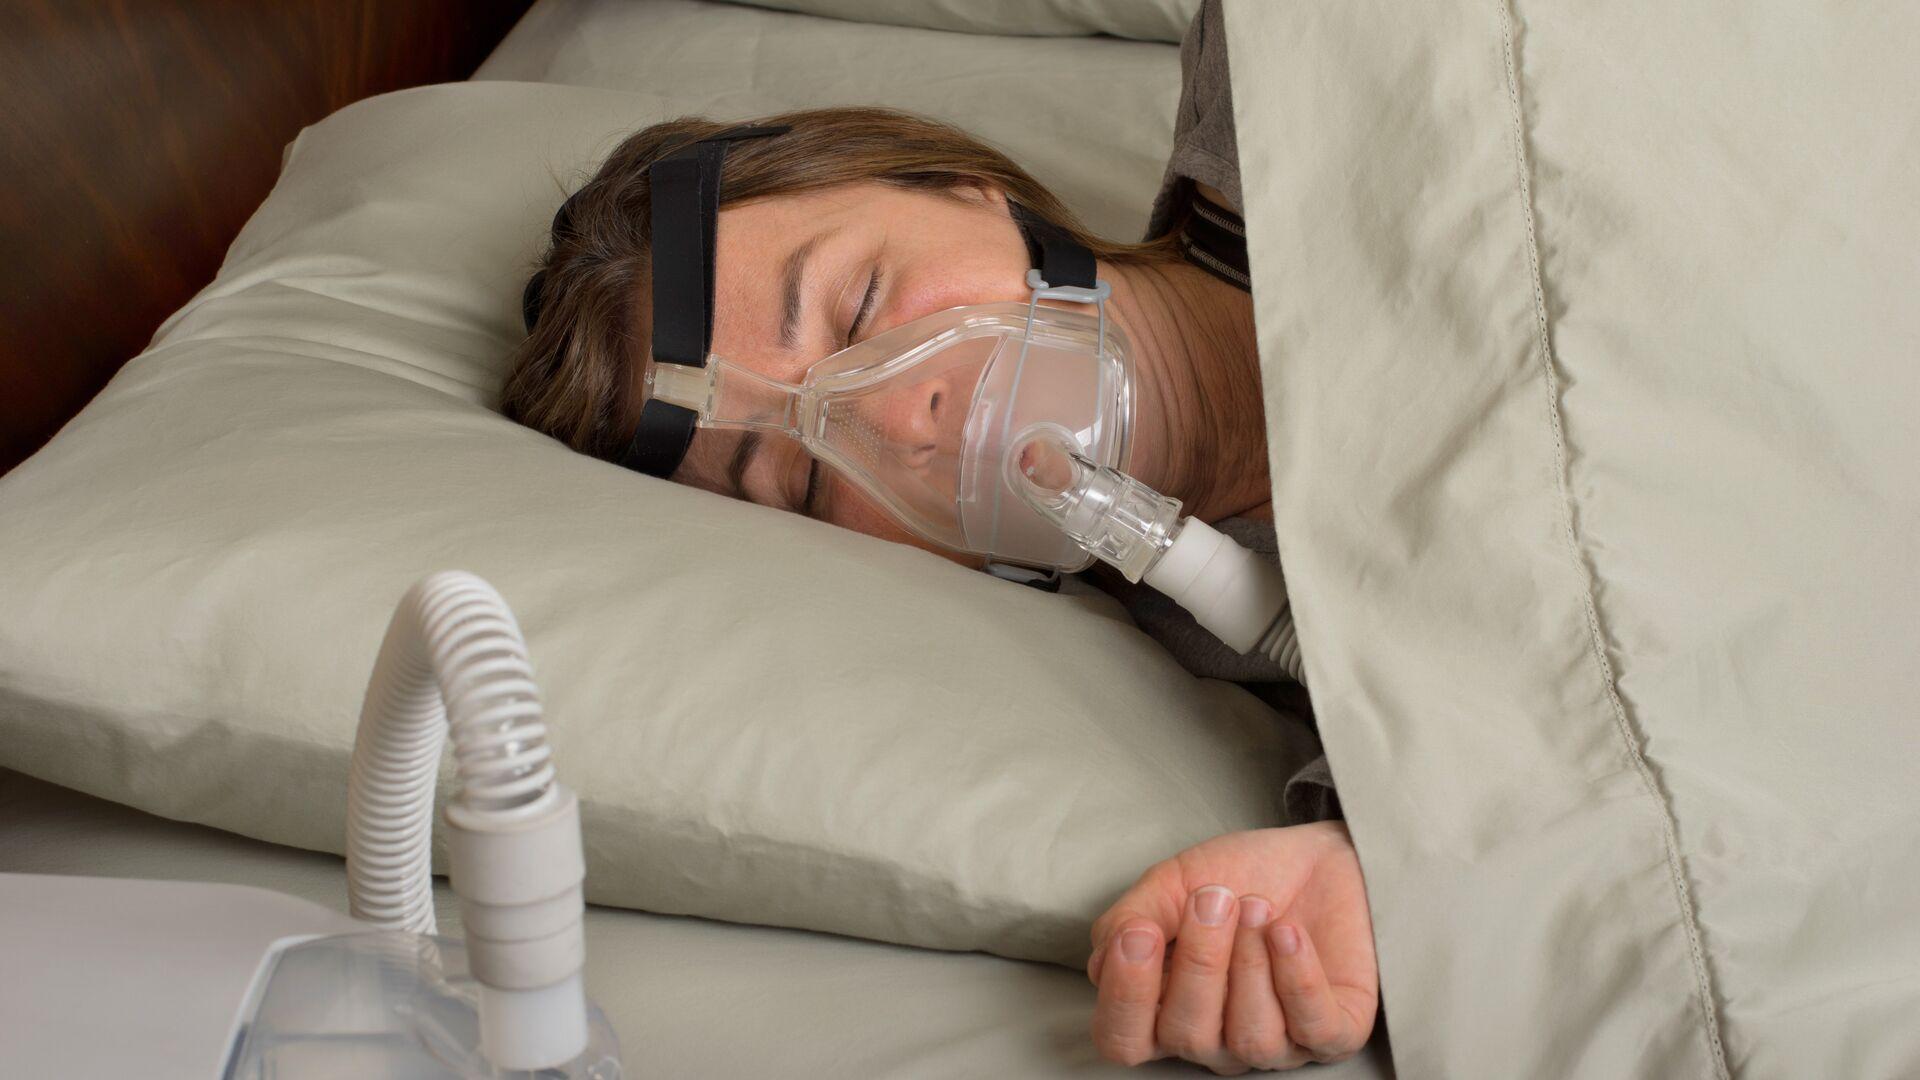 Женщина спит с аппаратом, препятствующим остановке дыхания - РИА Новости, 1920, 25.12.2020